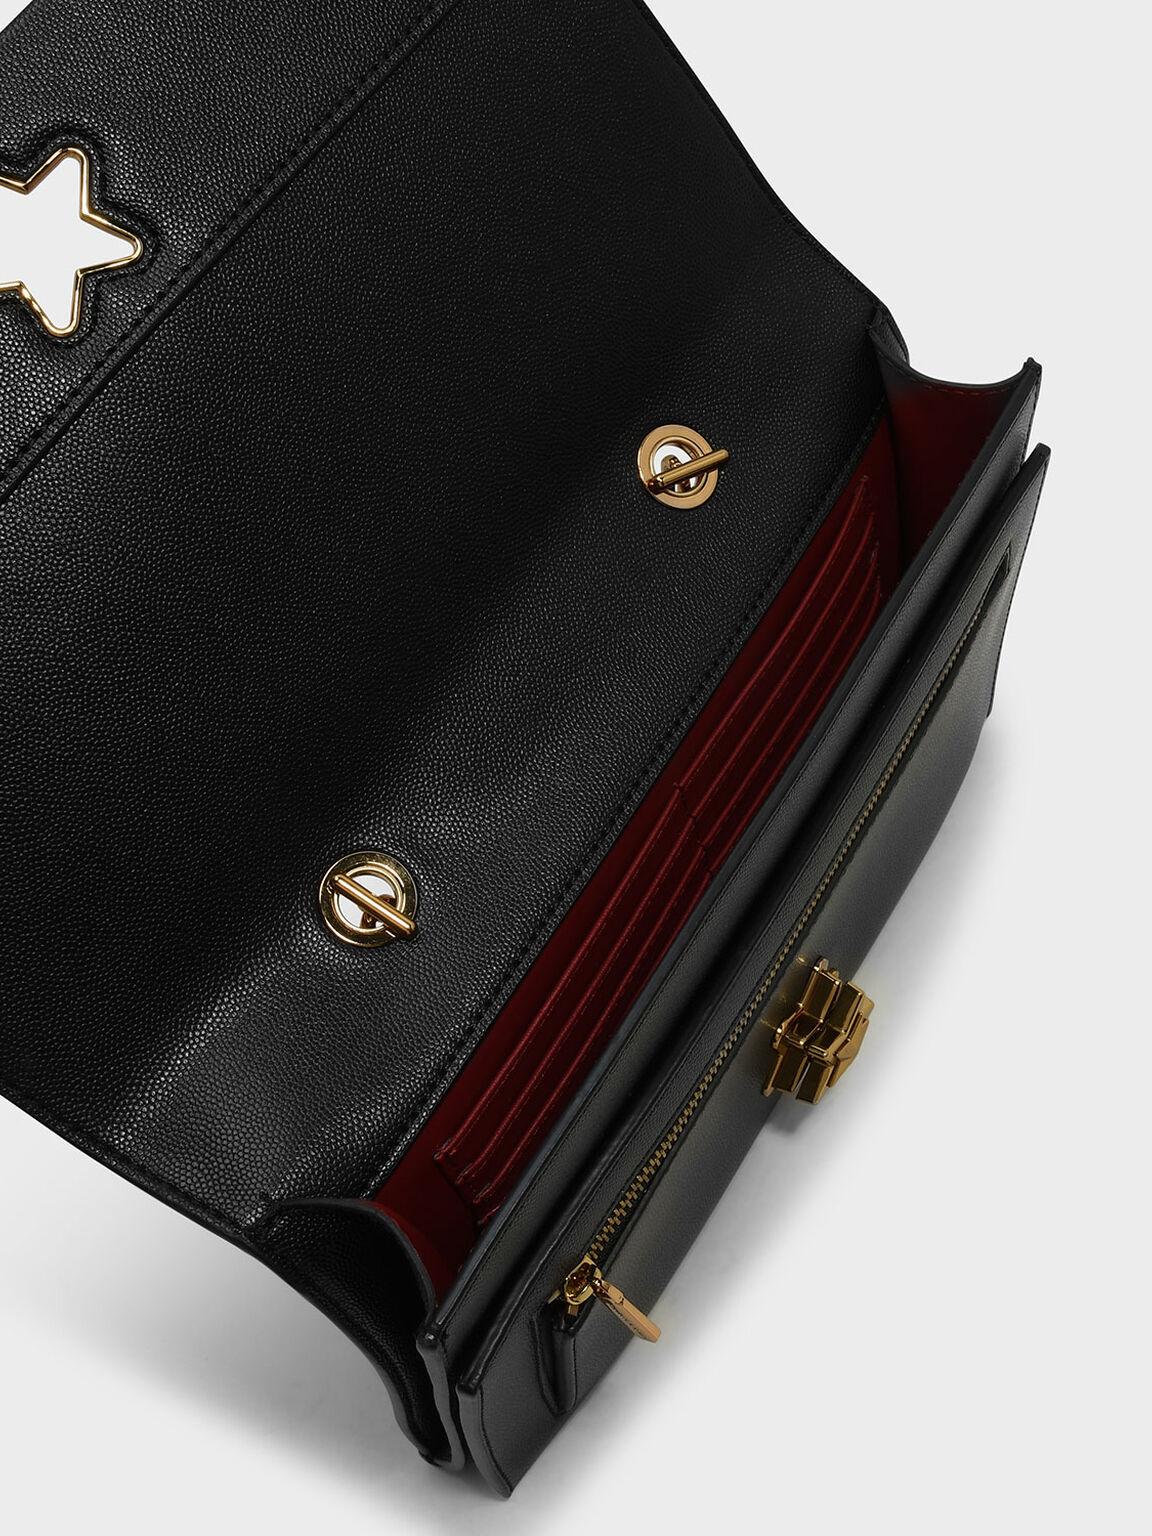 星型釦飾手提包, 黑色, hi-res